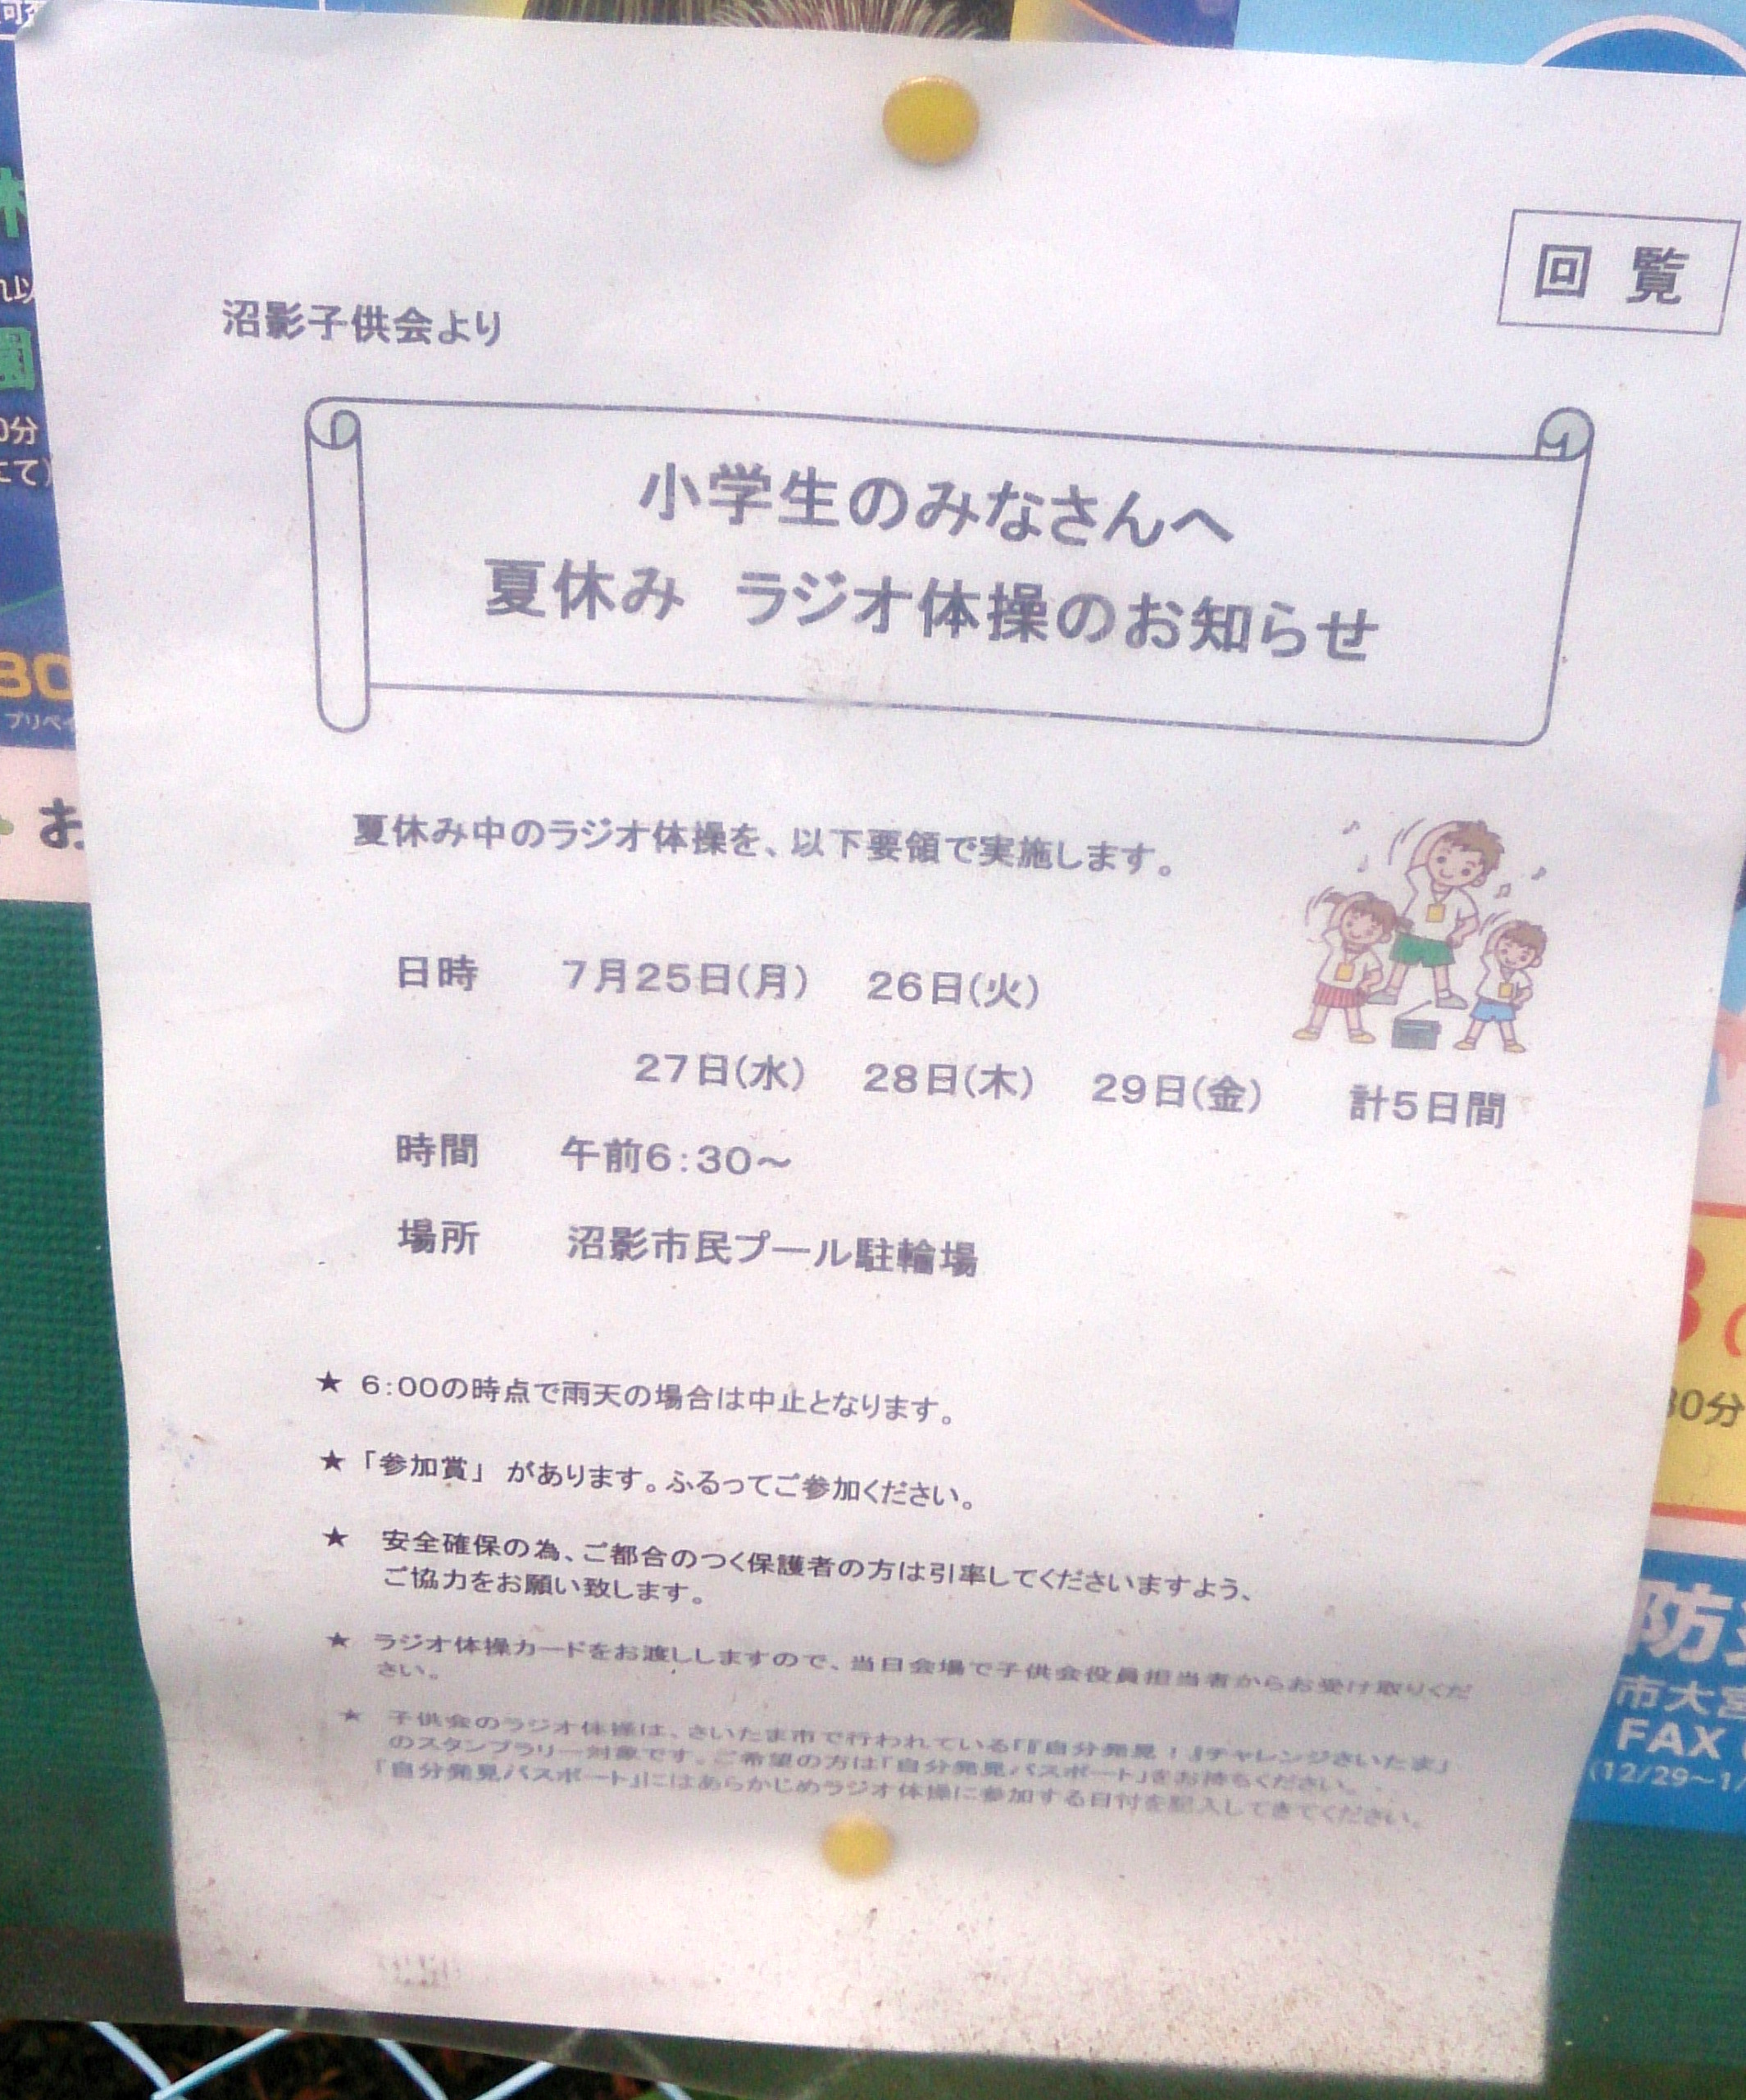 沼影市民プール(沼影公園)の詳細ページです。武蔵浦和なびは、武蔵浦和駅周辺をメインとしたさいたま市・戸田市のスポット情報、イベント情報を管理人視点で紹介・配信していきます。